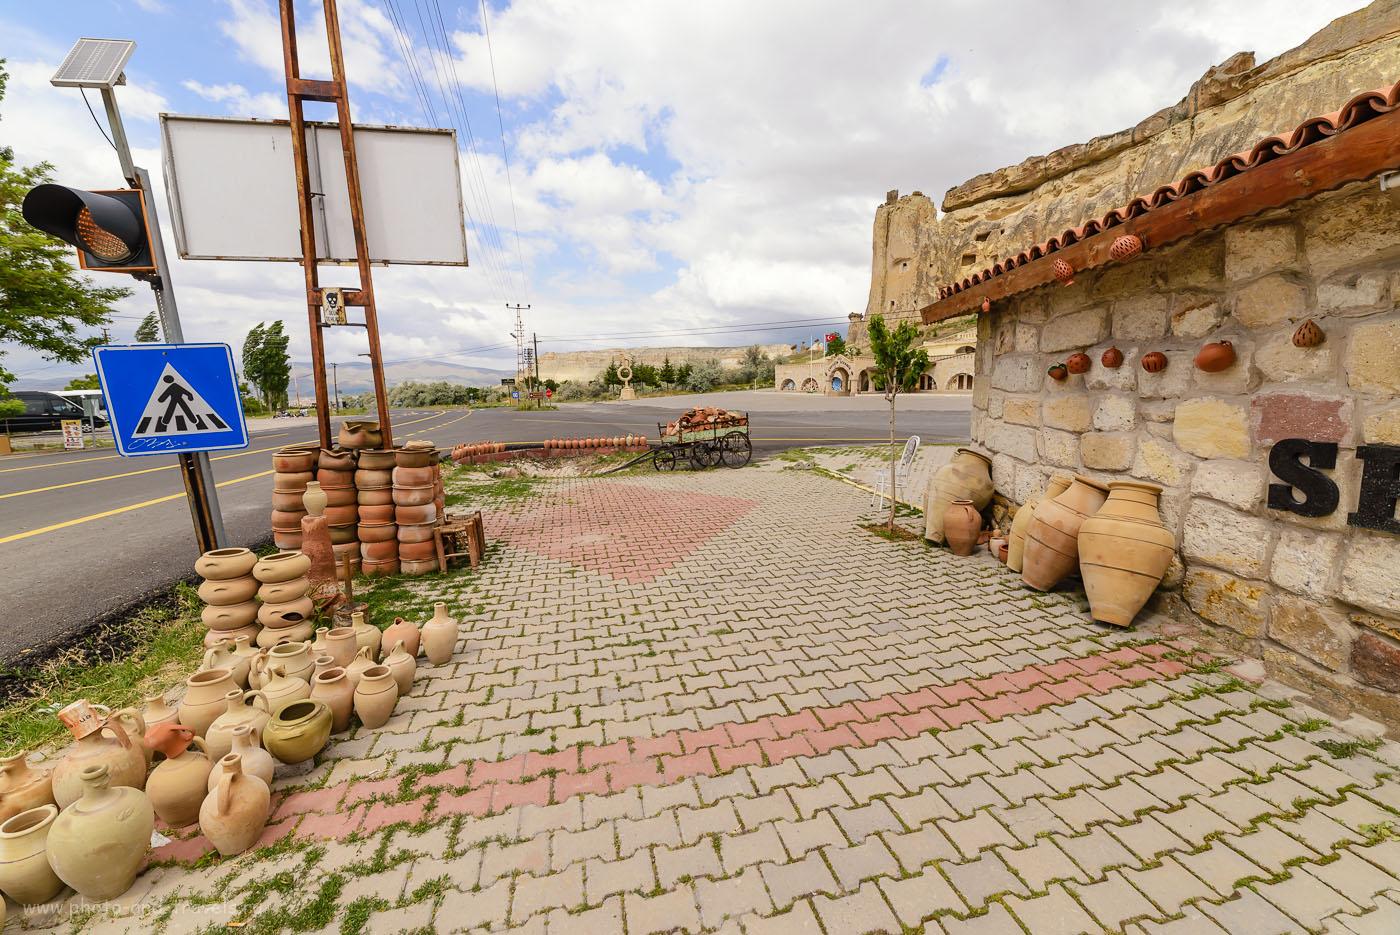 Фотография 29. На окраине поселка Чавушин (Çavuşin). Красный флаг установлен около входа в музей с церковью в скале.